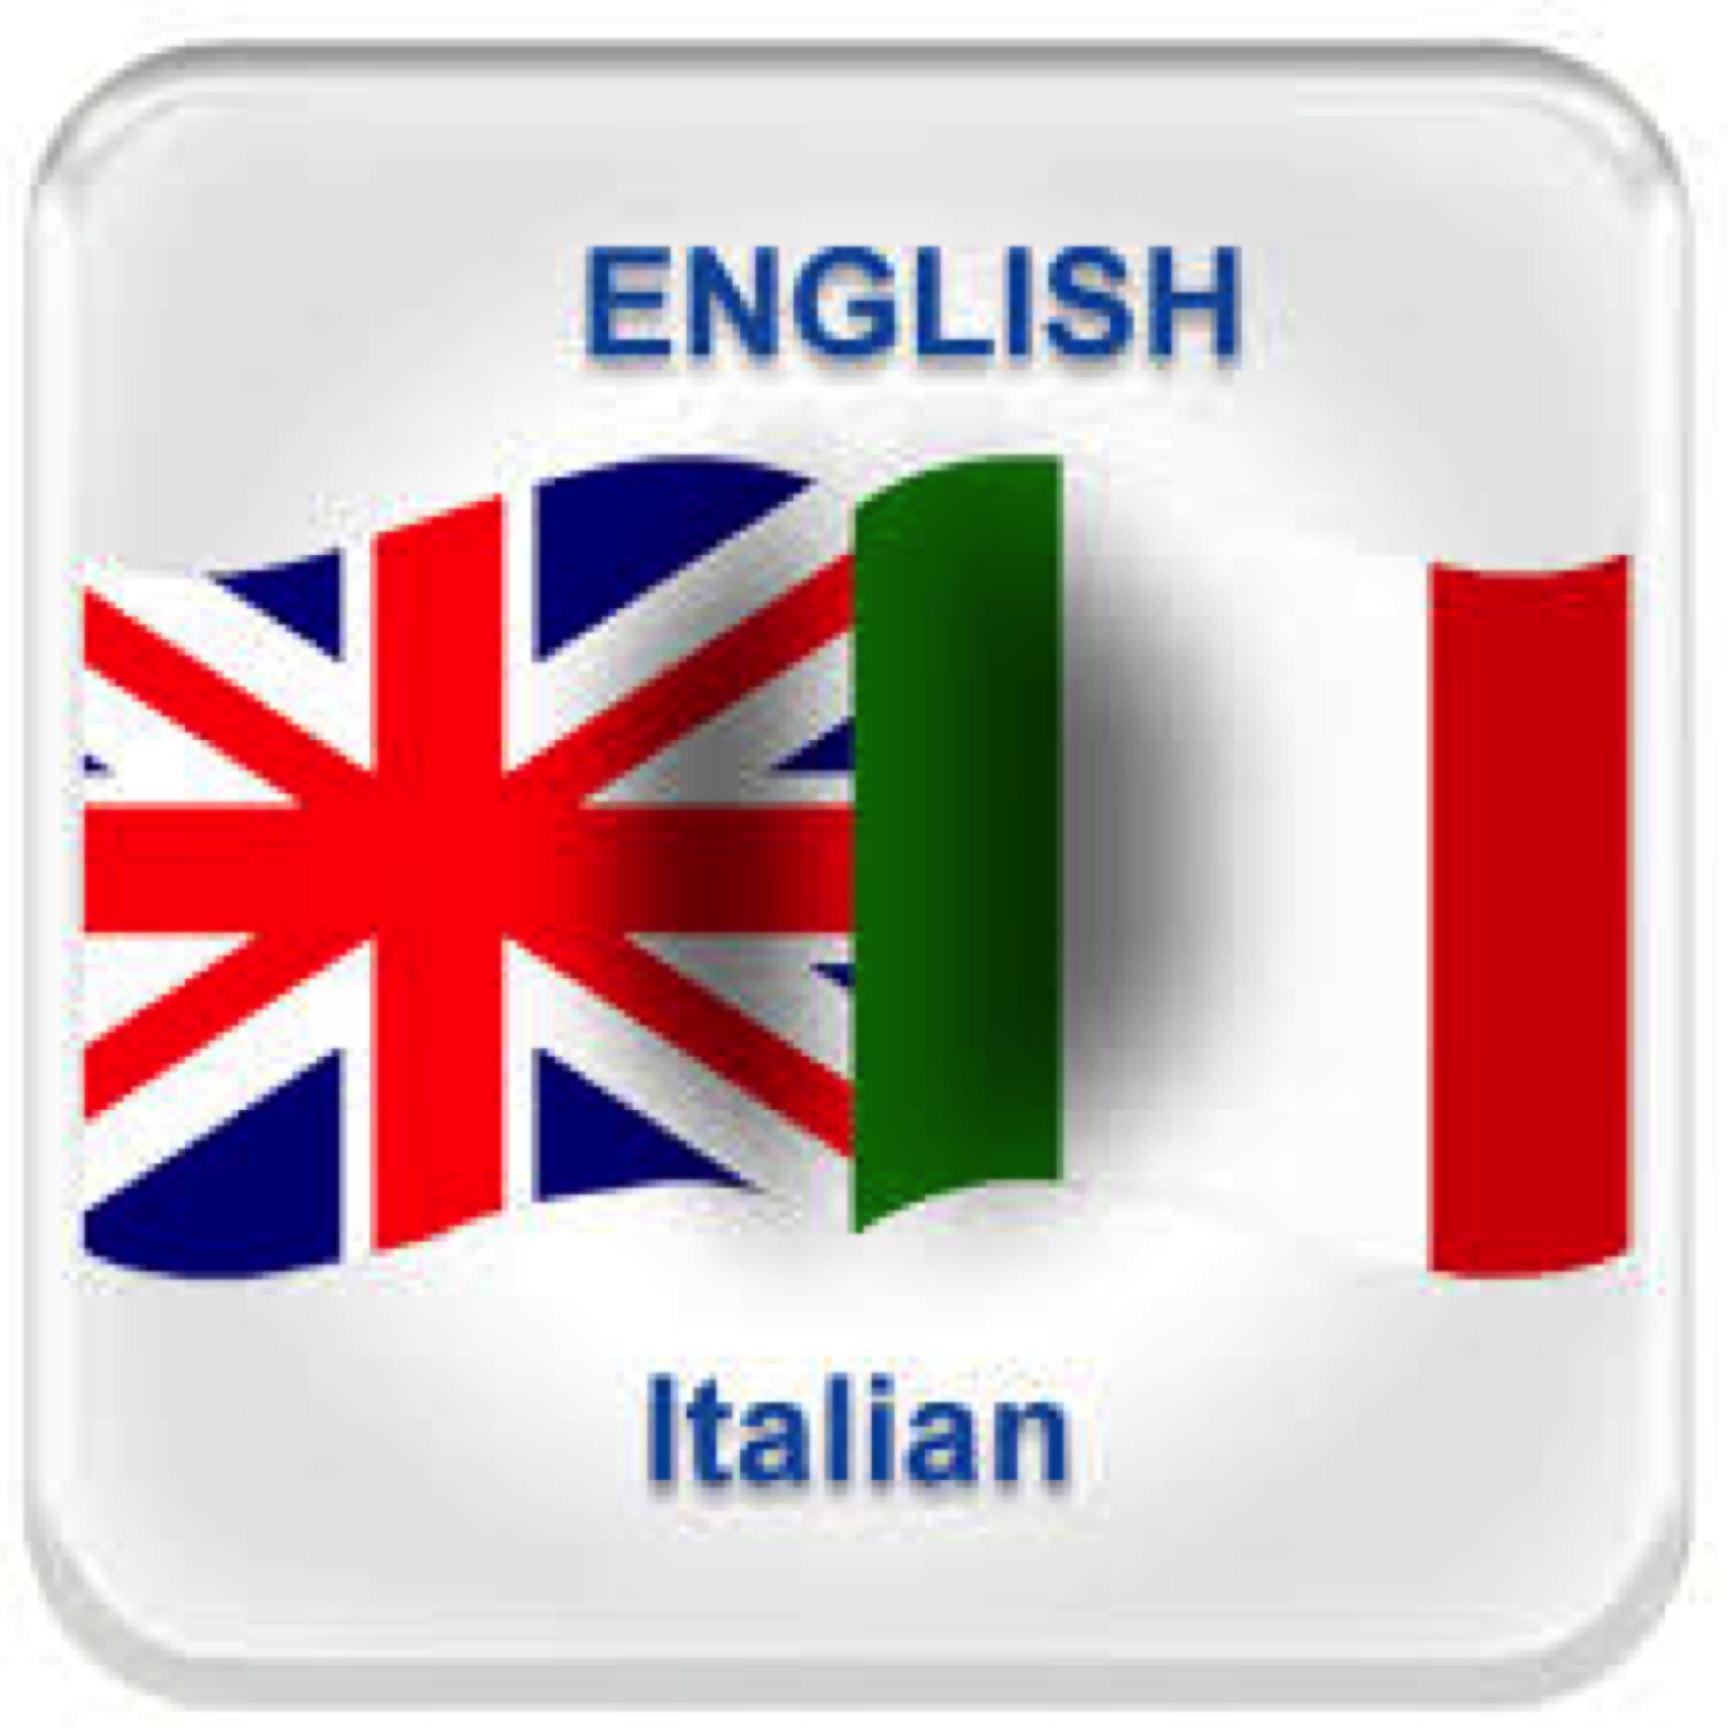 Translate italian to english by Lorenzolorusso